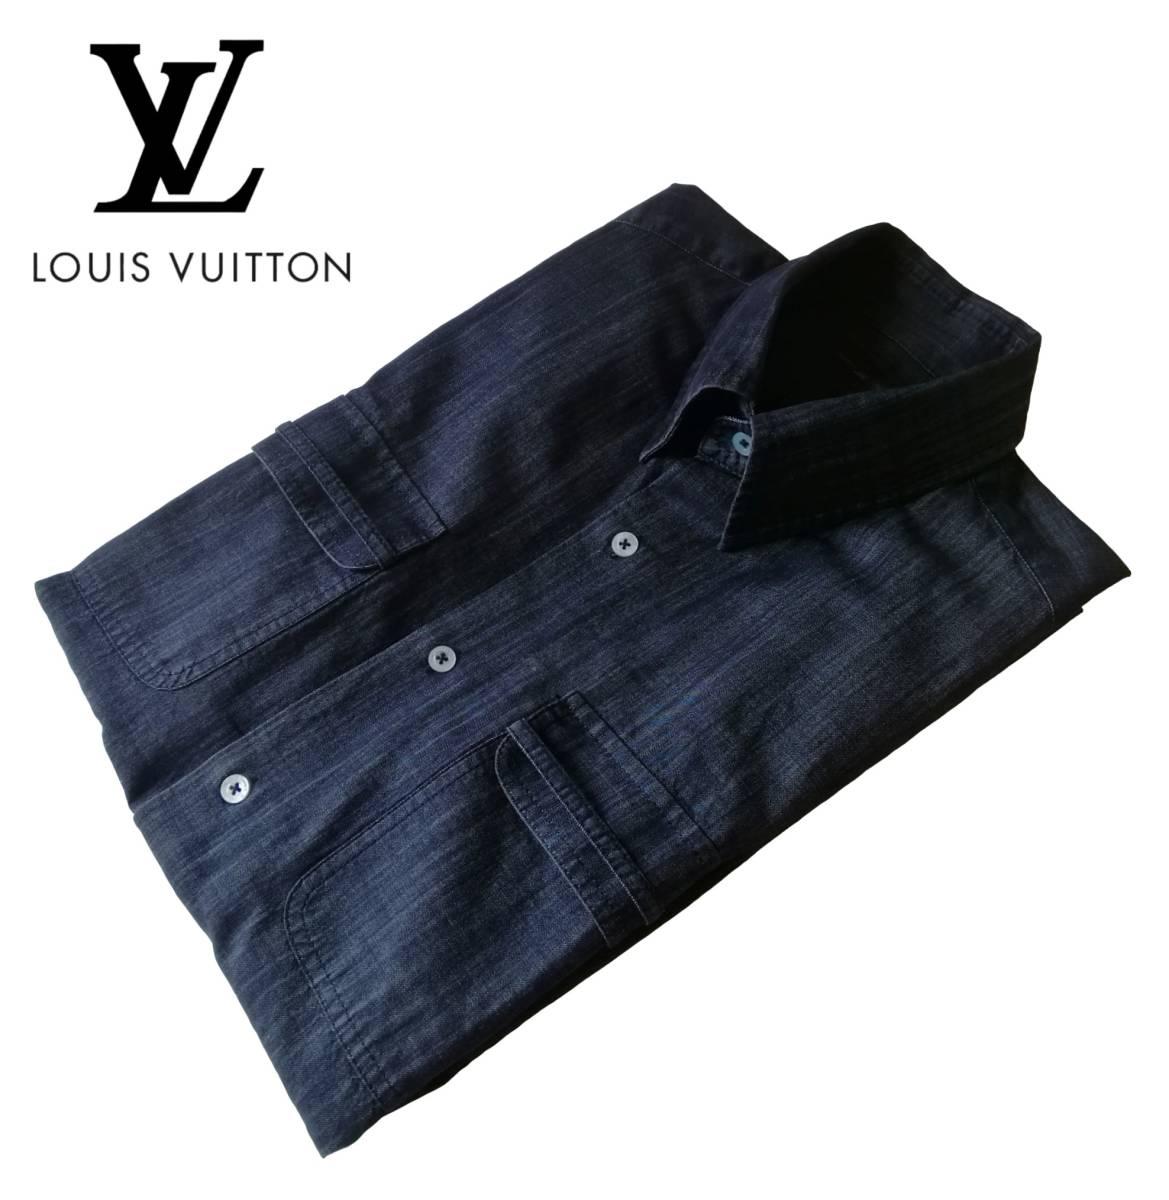 希少・レア品 ◆ LOUIS VUITTON ◆ ルイヴィトン ◆ ブラック 半袖 デニム シャツ 38 黒 M~Lサイズ相当 メンズ イタリア製 LVロゴ刺繍 _画像3